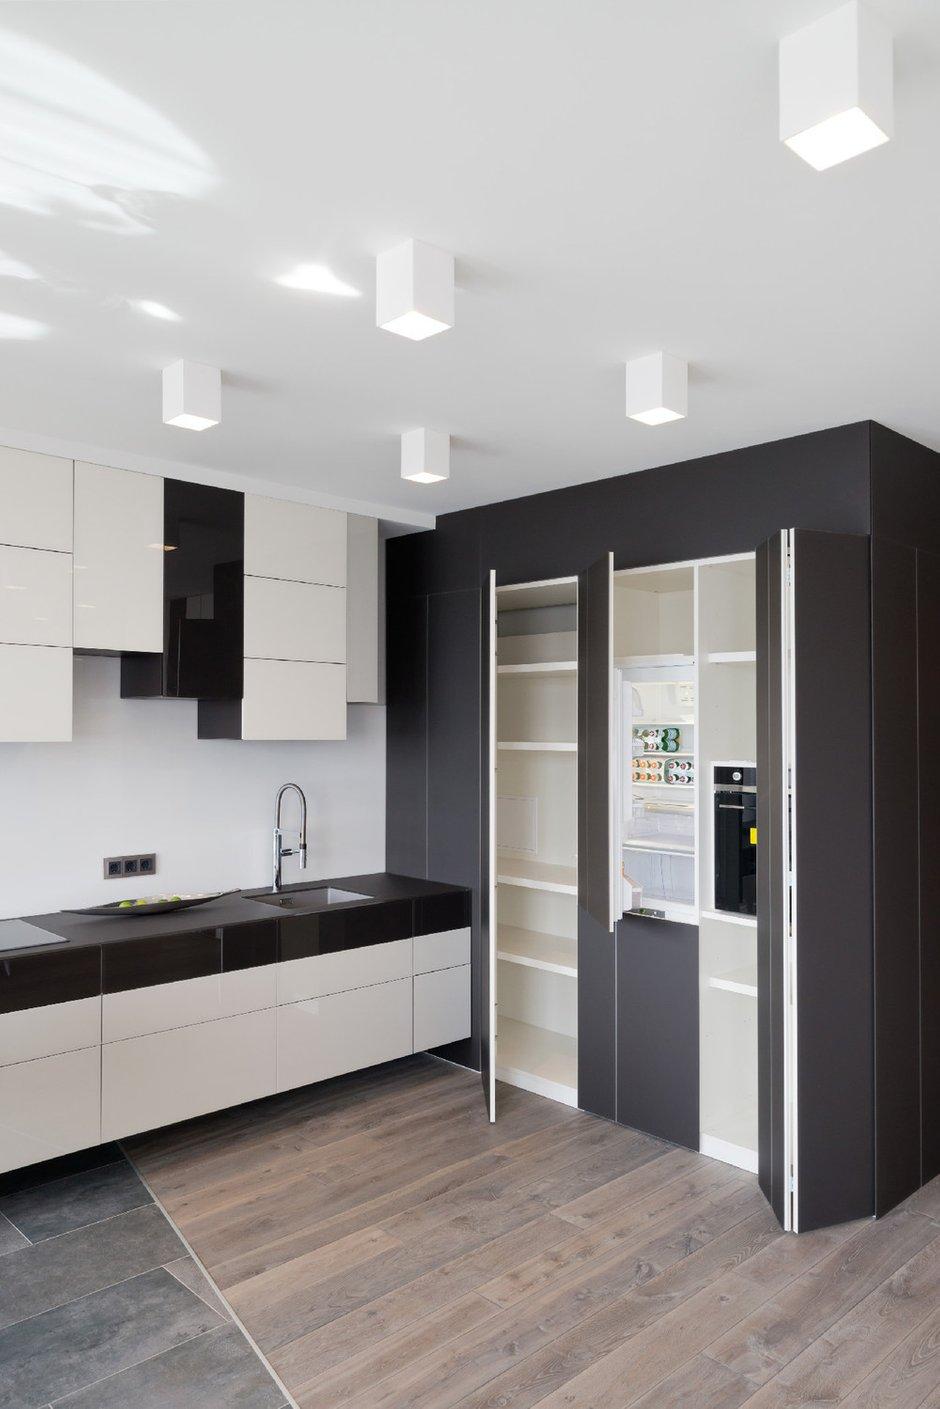 Фотография: Кухня и столовая в стиле Современный, Квартира, Минимализм, Проект недели – фото на INMYROOM